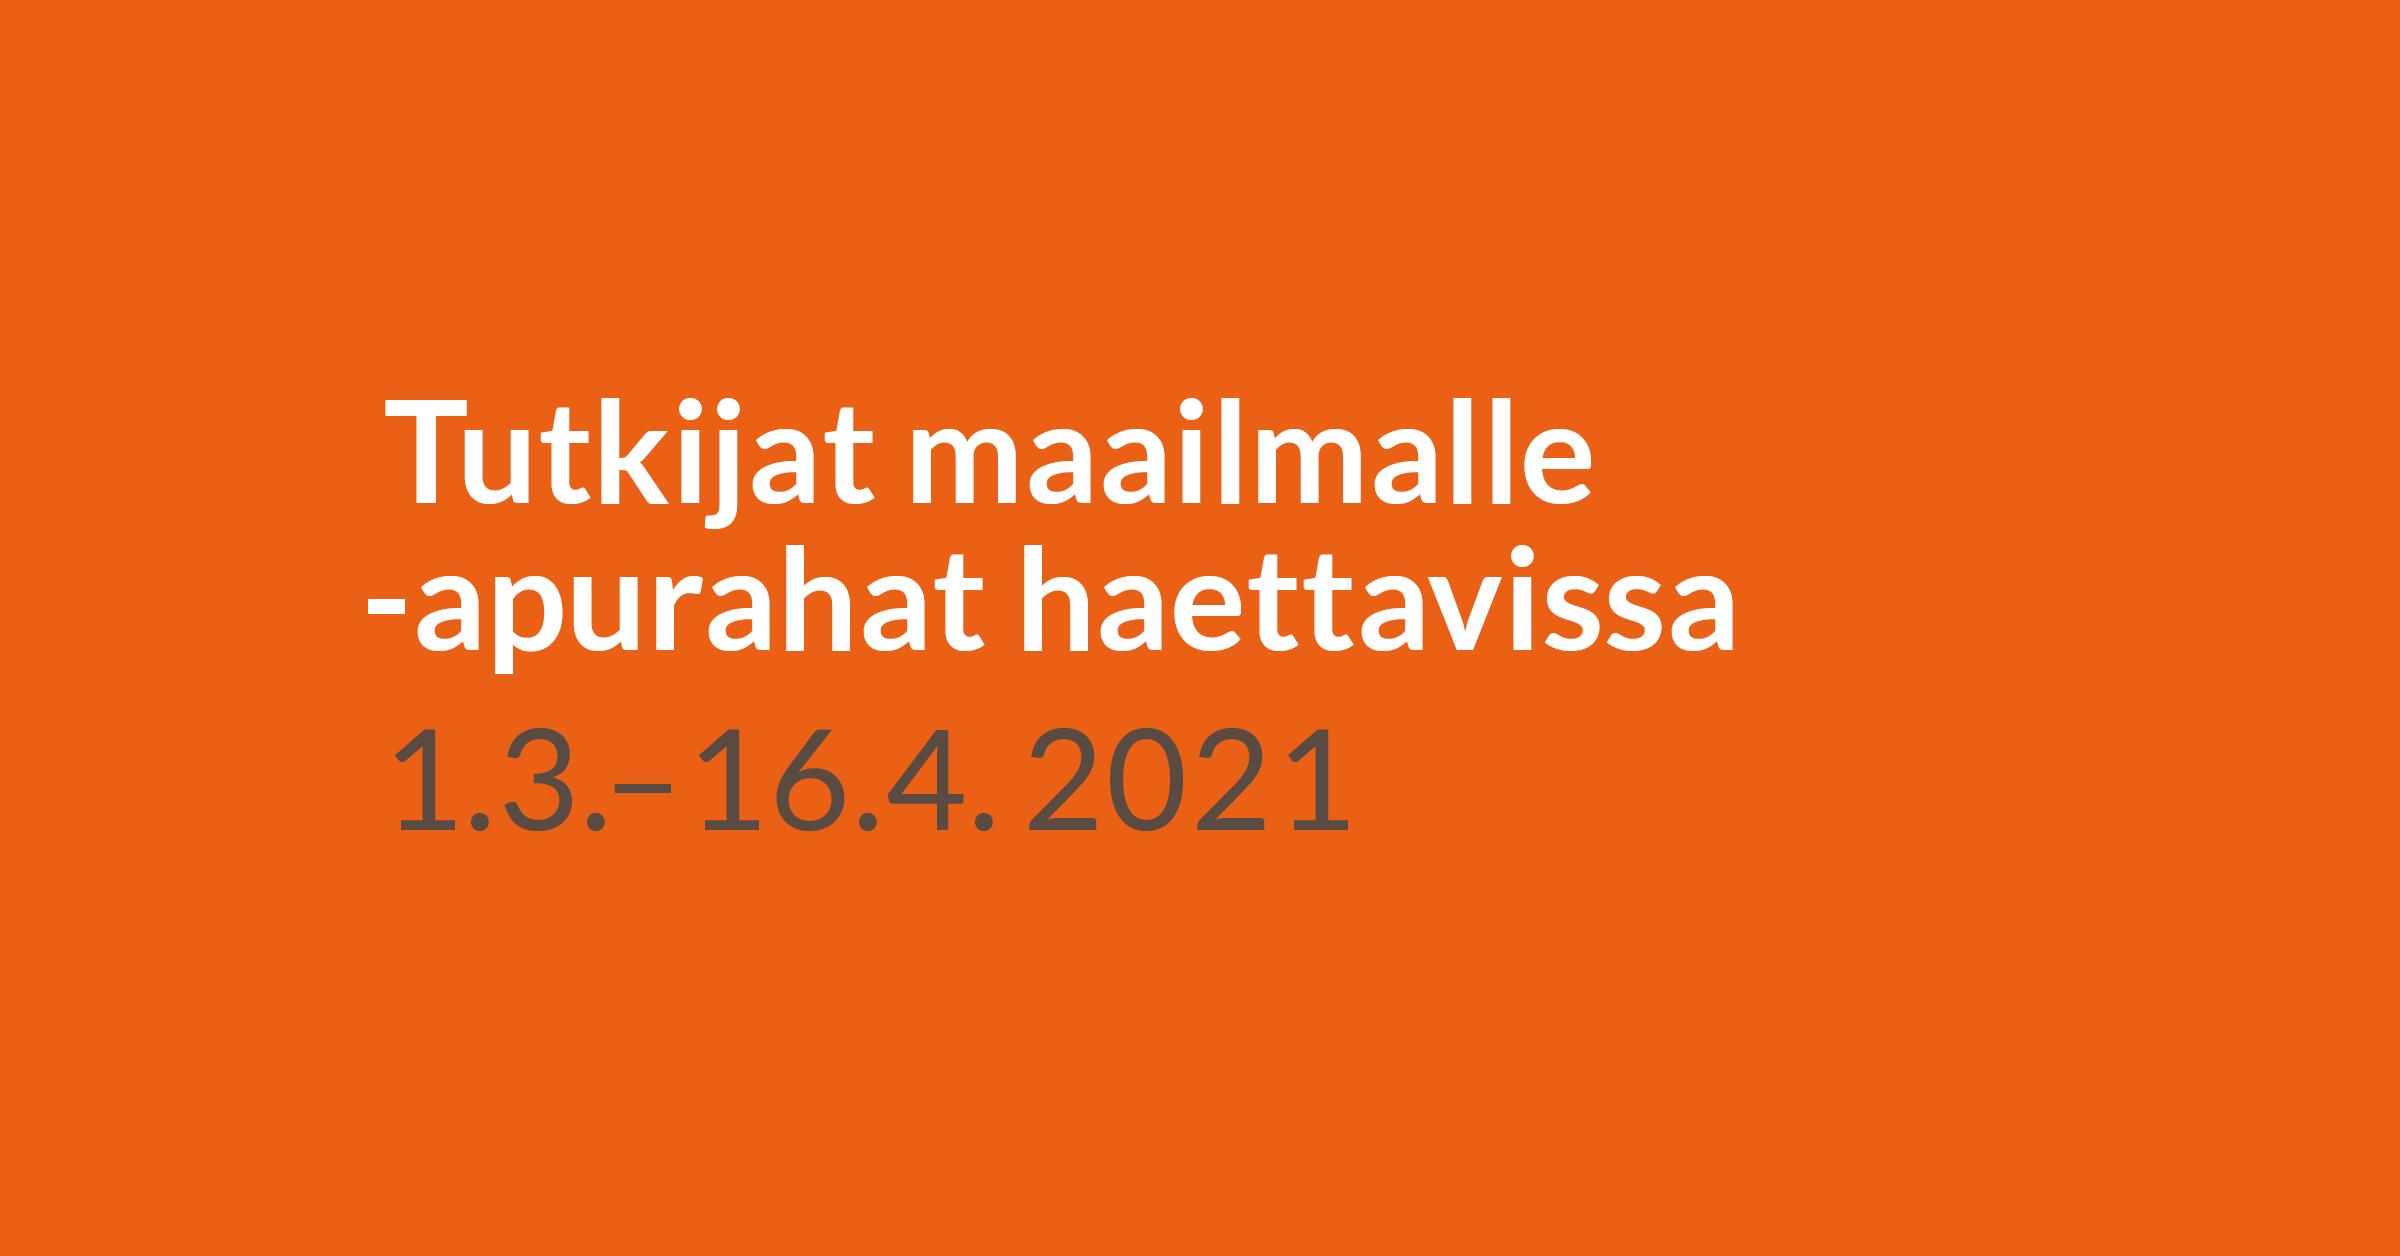 Tutkijat maailmalle -apurahat ovat haettavissa 1.3.-16.4.2021